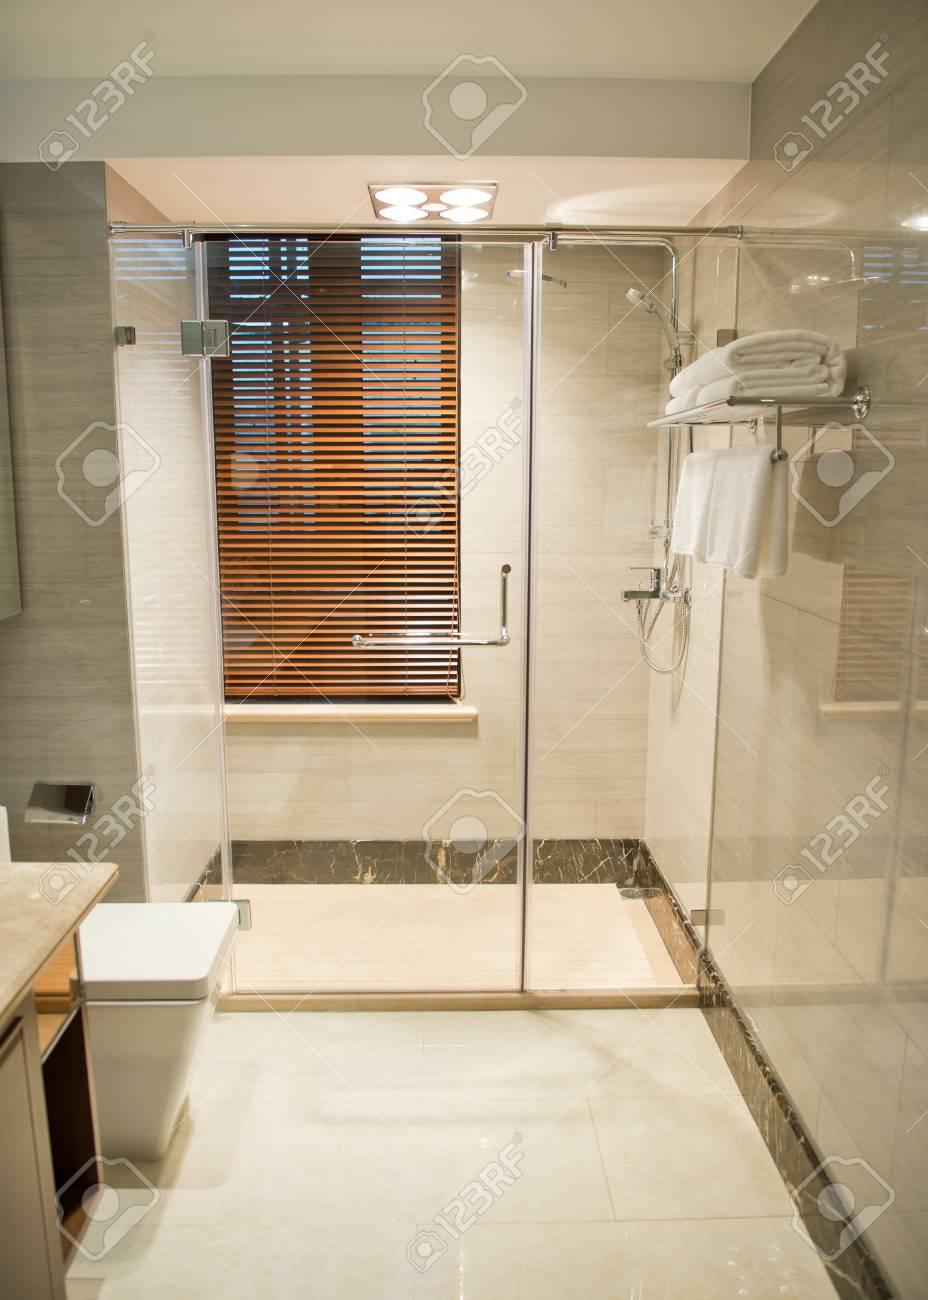 Schönes Badezimmer In Einem Luxuriösen Hotelzimmer. Lizenzfreie ...